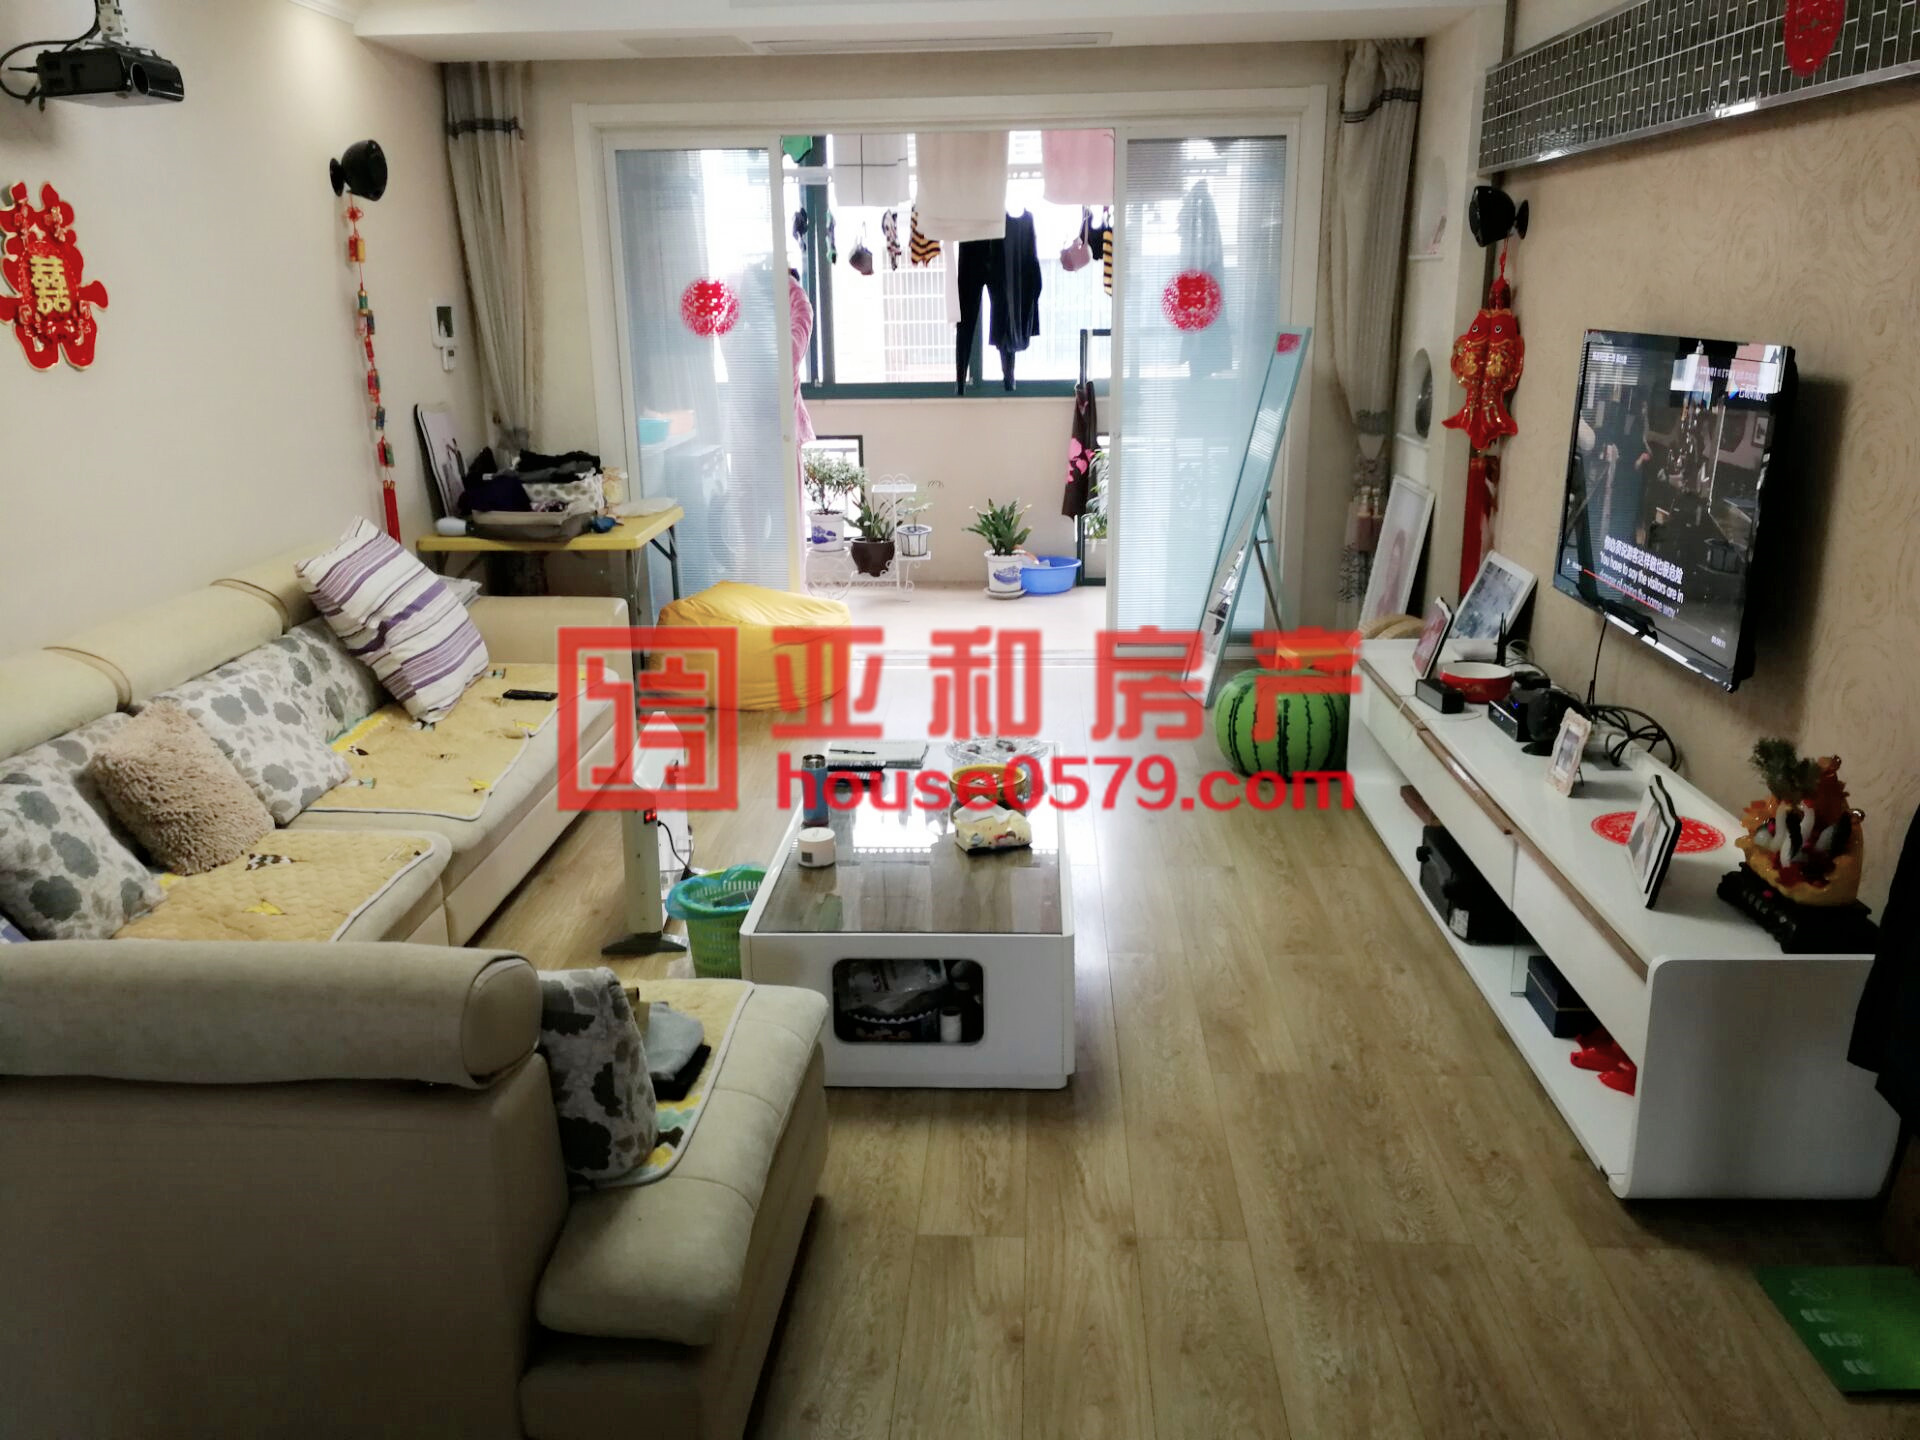 【稠江楼梯小区新房】锦都豪苑 120平三室220万带小区物业